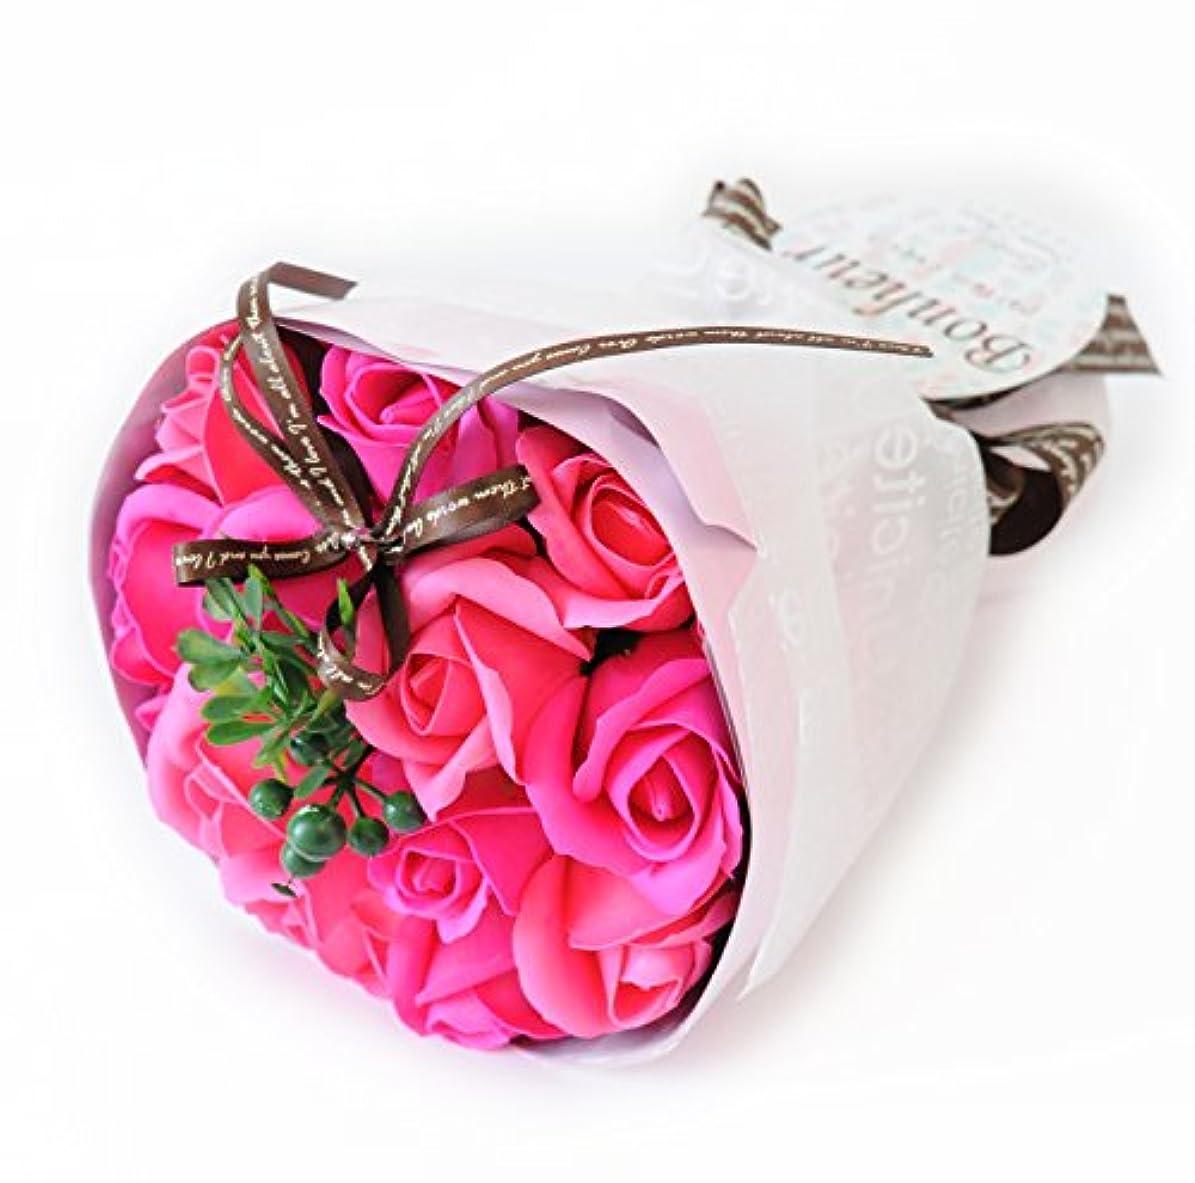 フラワーマーケット花由 ソープフラワー アロマローズブーケ ビューティー シャボンフラワー フラワーソープ